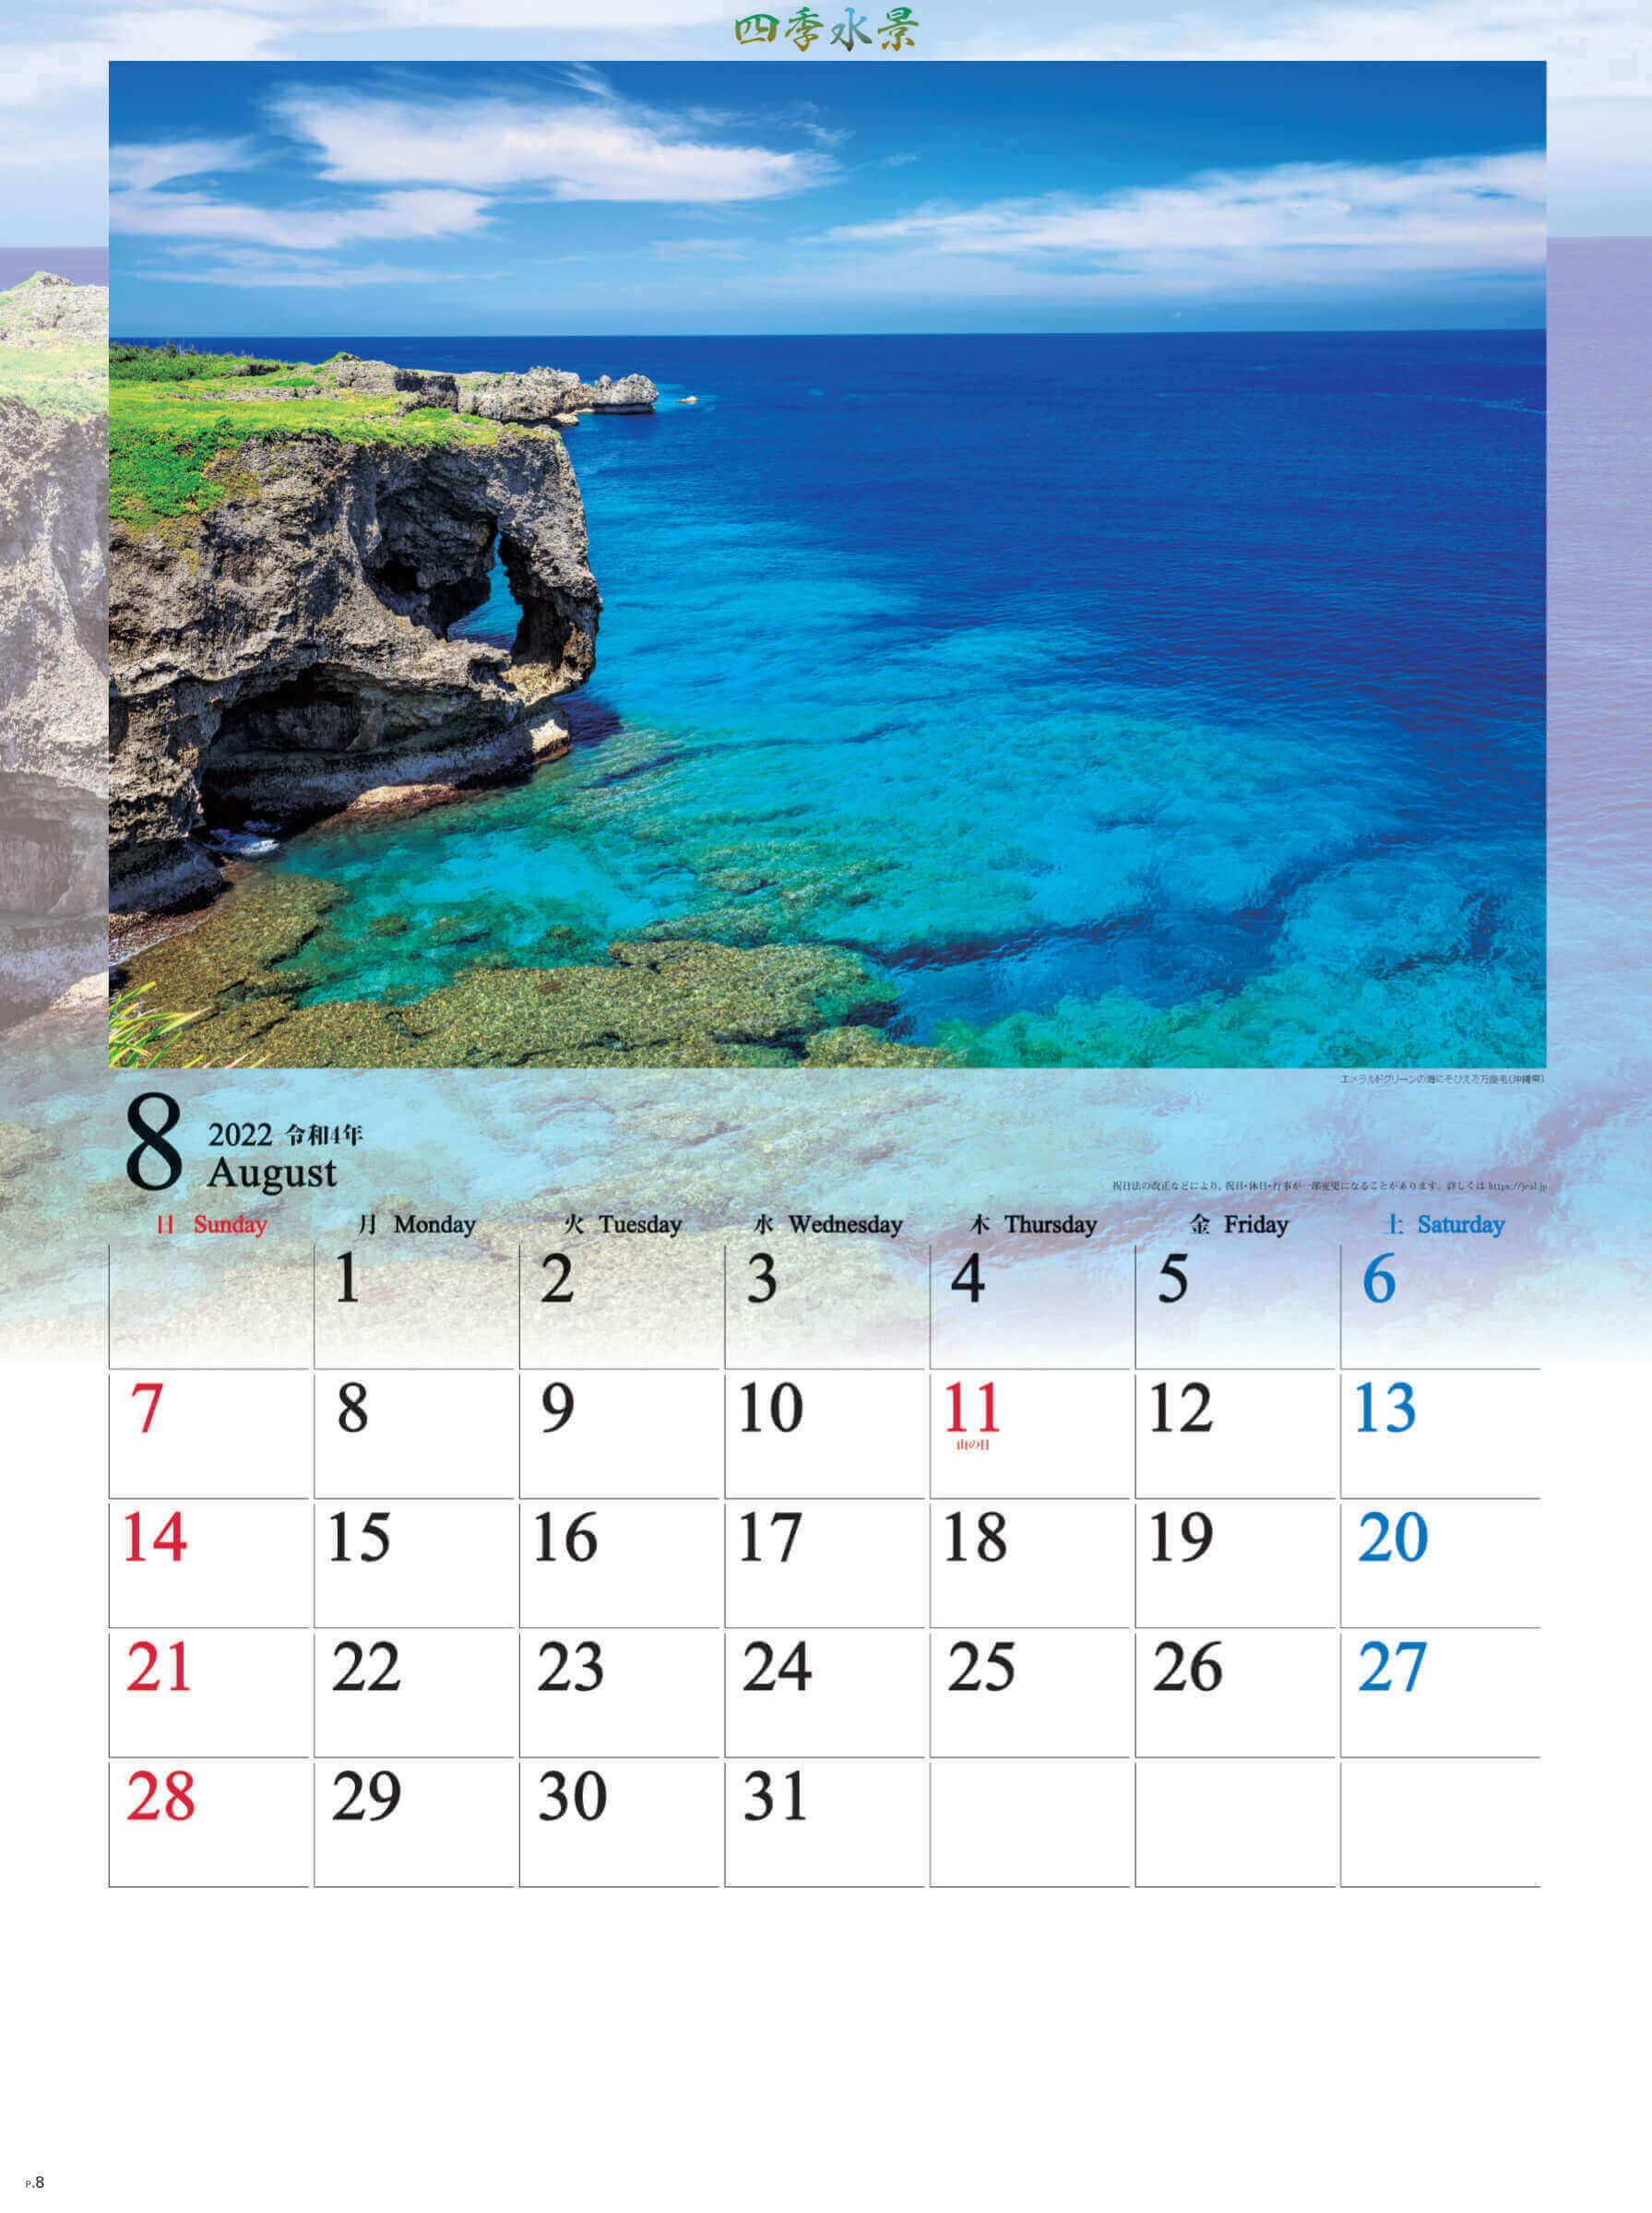 8月 万座毛(沖縄) 四季水景 2022年カレンダーの画像